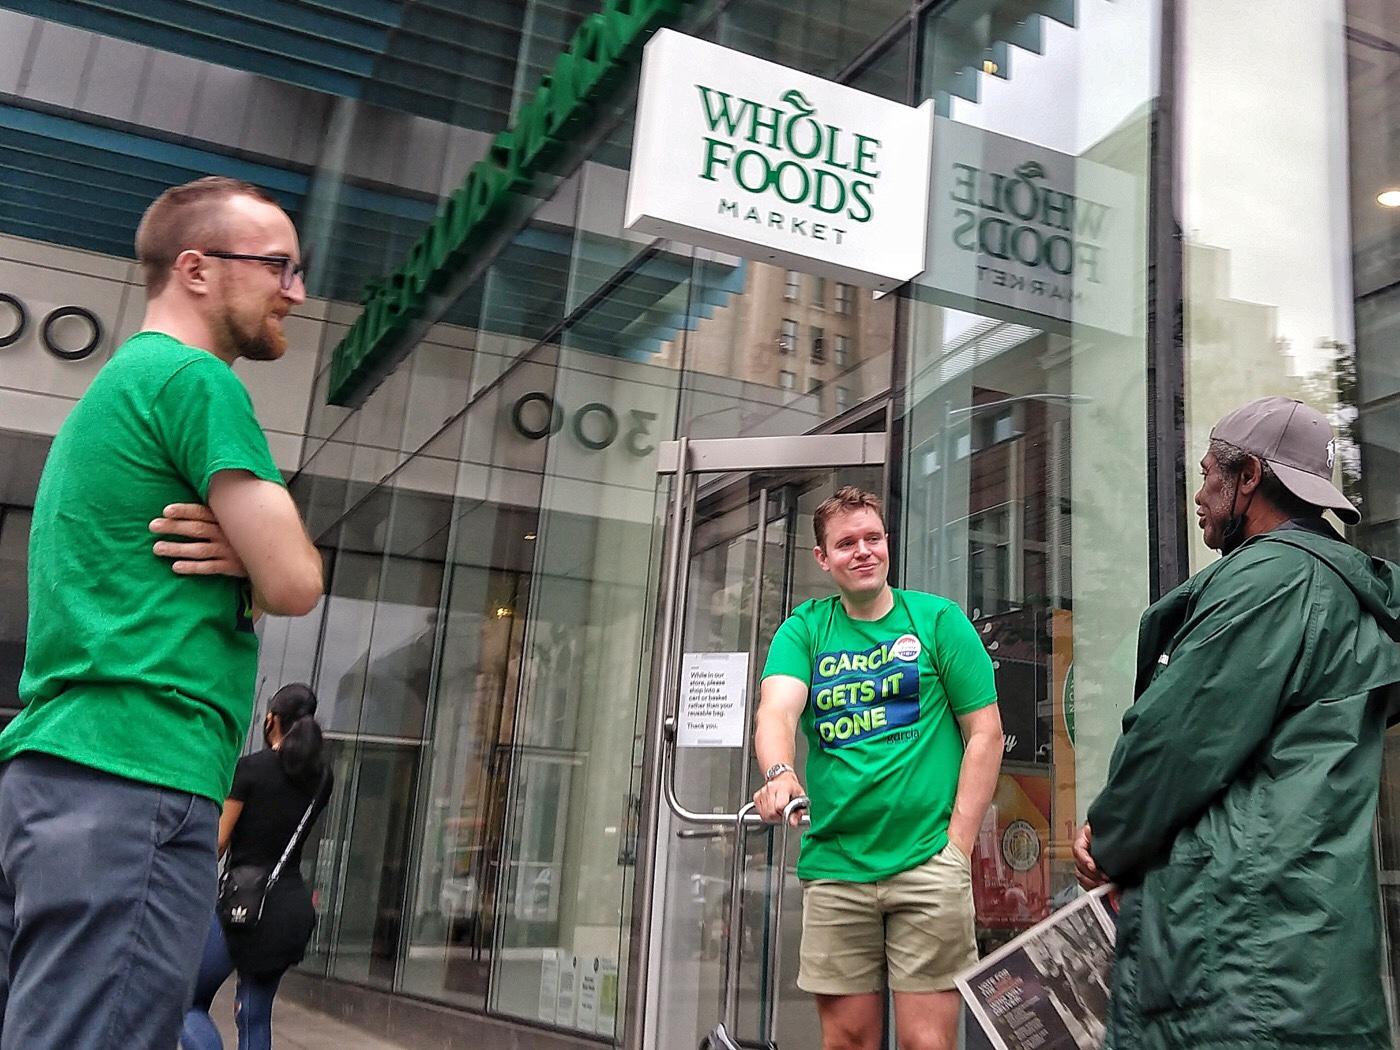 New York, Brooklyn, Whole Foods, Katrhyn Garcia electoral campaign